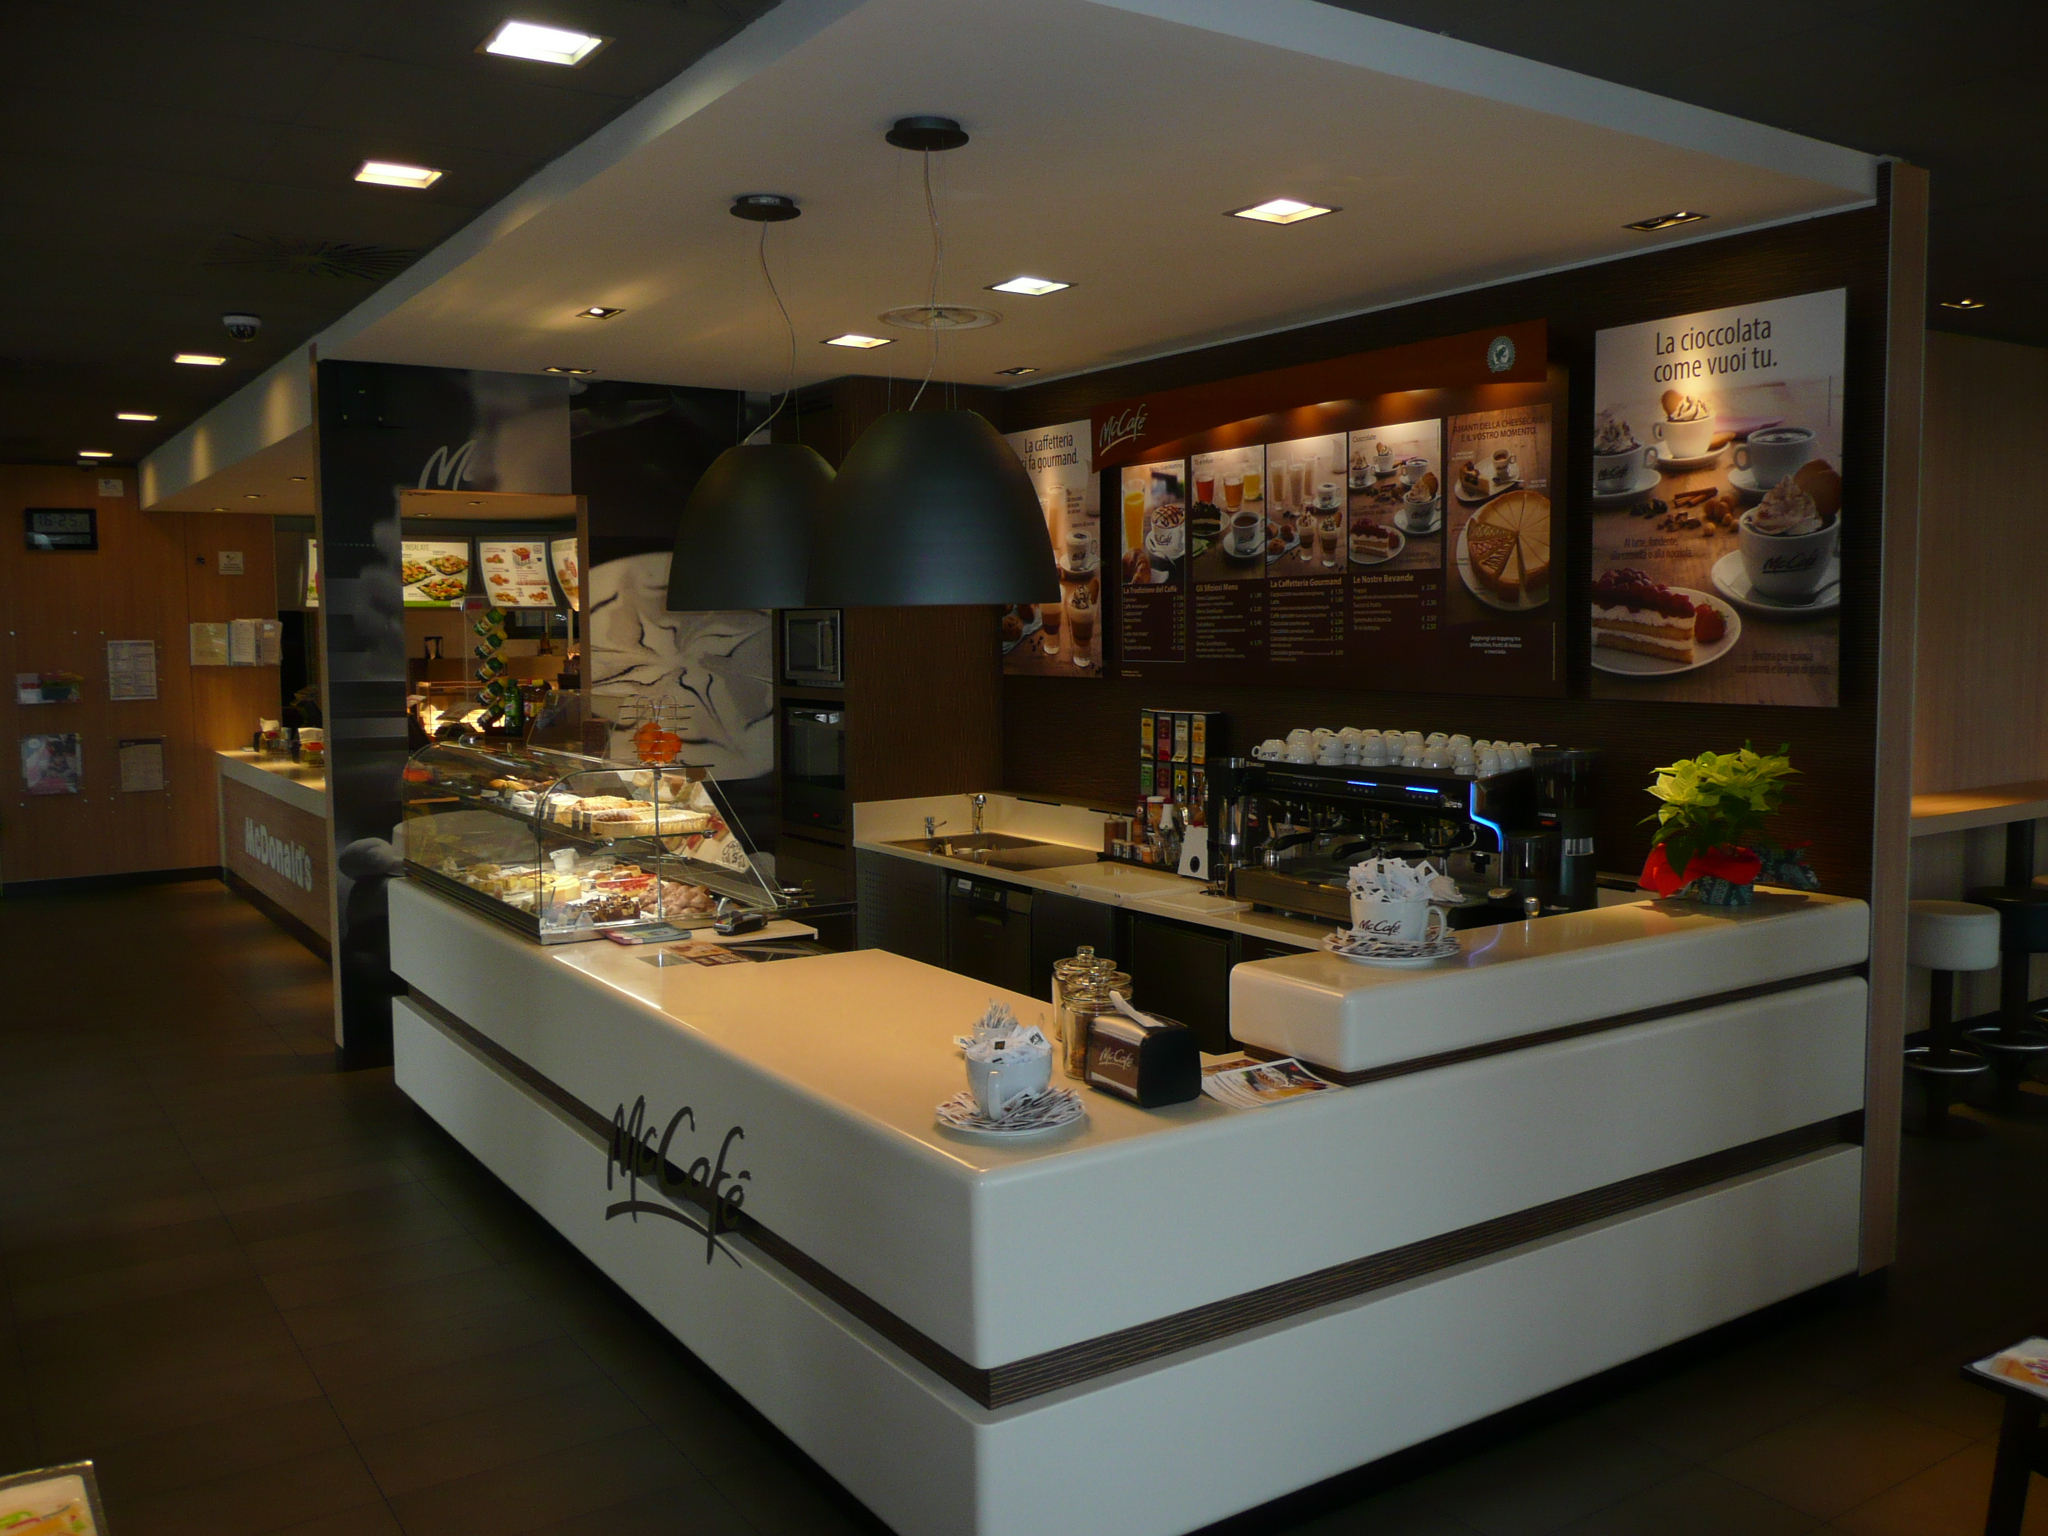 Arredamento su misura bar e ristoranti mccafe pordenone for Negozi arredamento pordenone